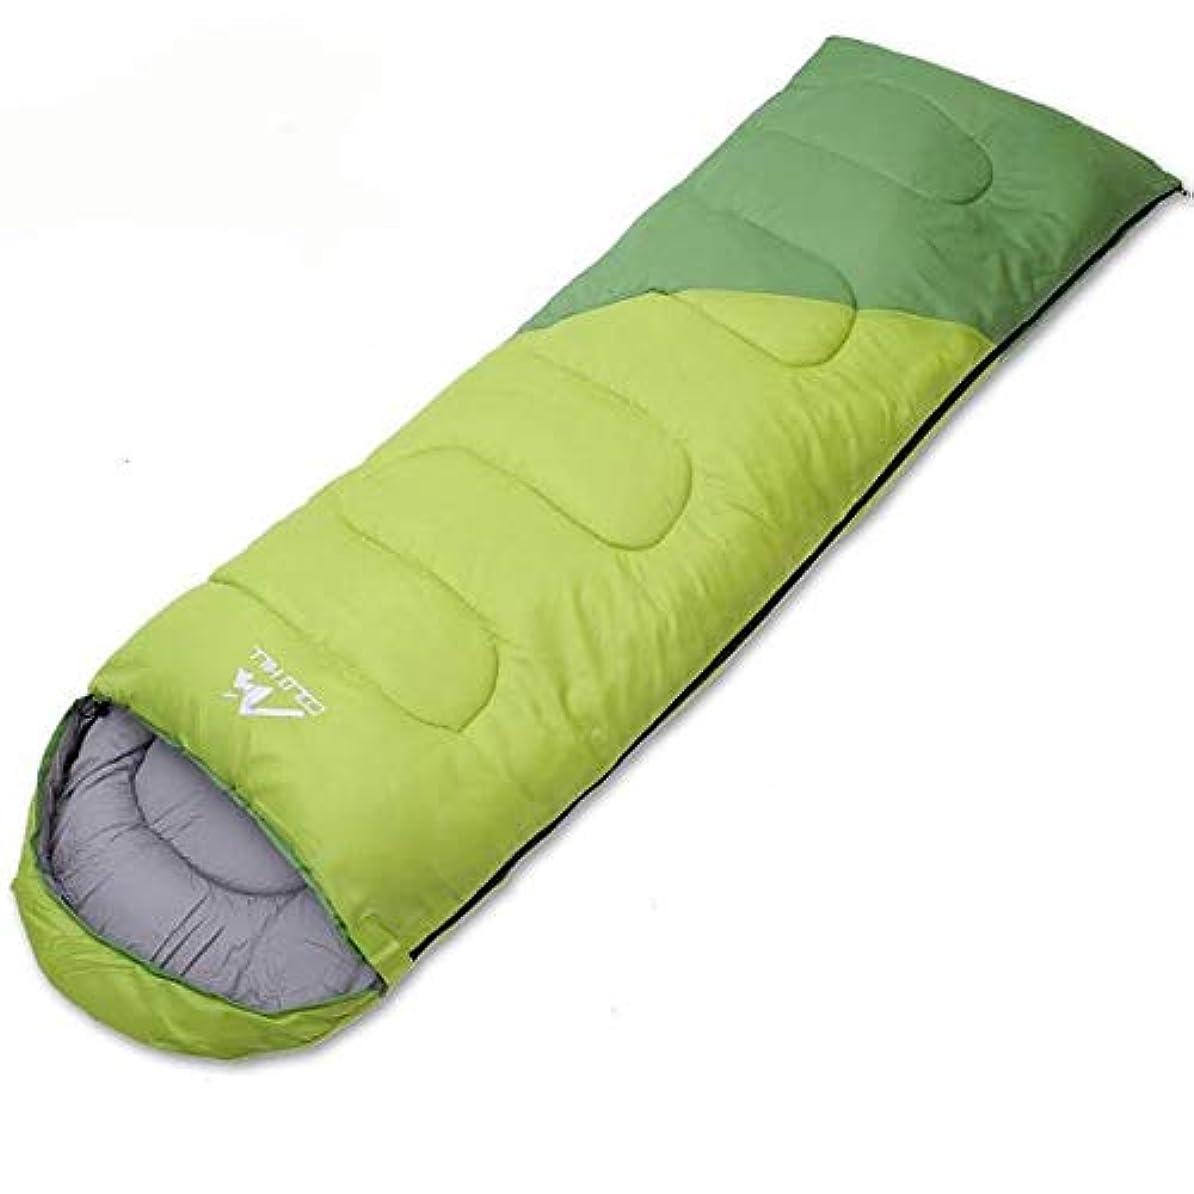 定刻ピーブバンジージャンプCXUNKK 男性と女性の屋外の大人はステッチ封筒タイプ四季普遍的な寝袋汚い旅行昼休み屋内寝袋をすることができます (Color : Green, Size : 1.1KG)